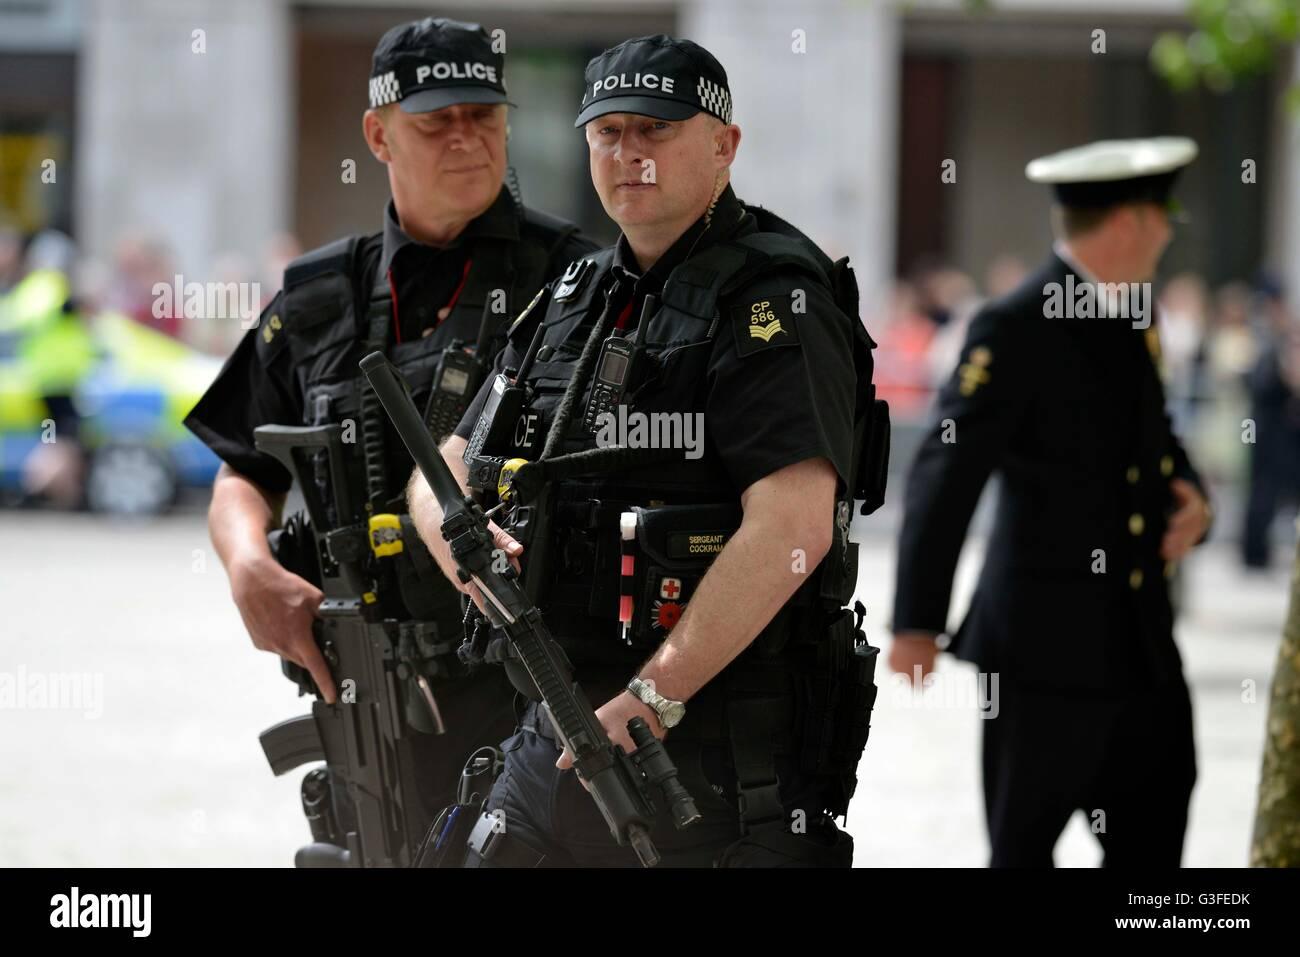 Polizia armata, Londra, Gran Bretagna, Regno Unito Immagini Stock